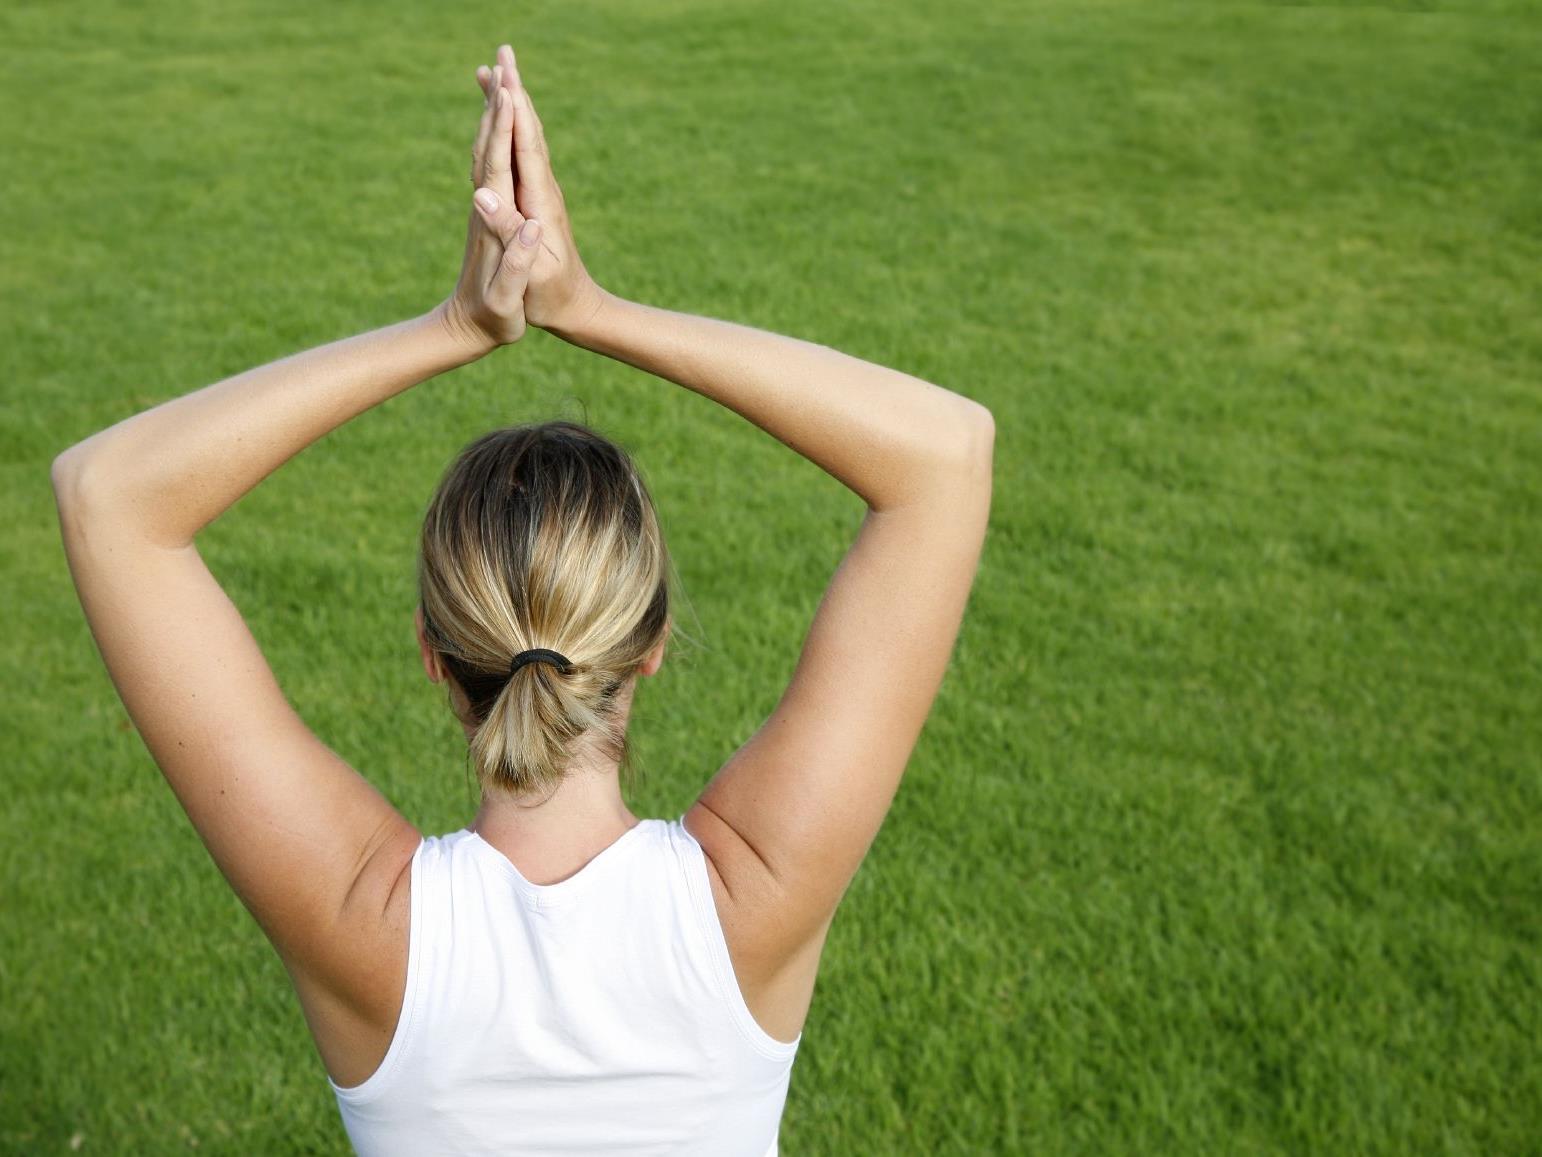 Neue Bewegungsmuster und mehr Wohlbefinden mit aks Feldenkrais-Kursen